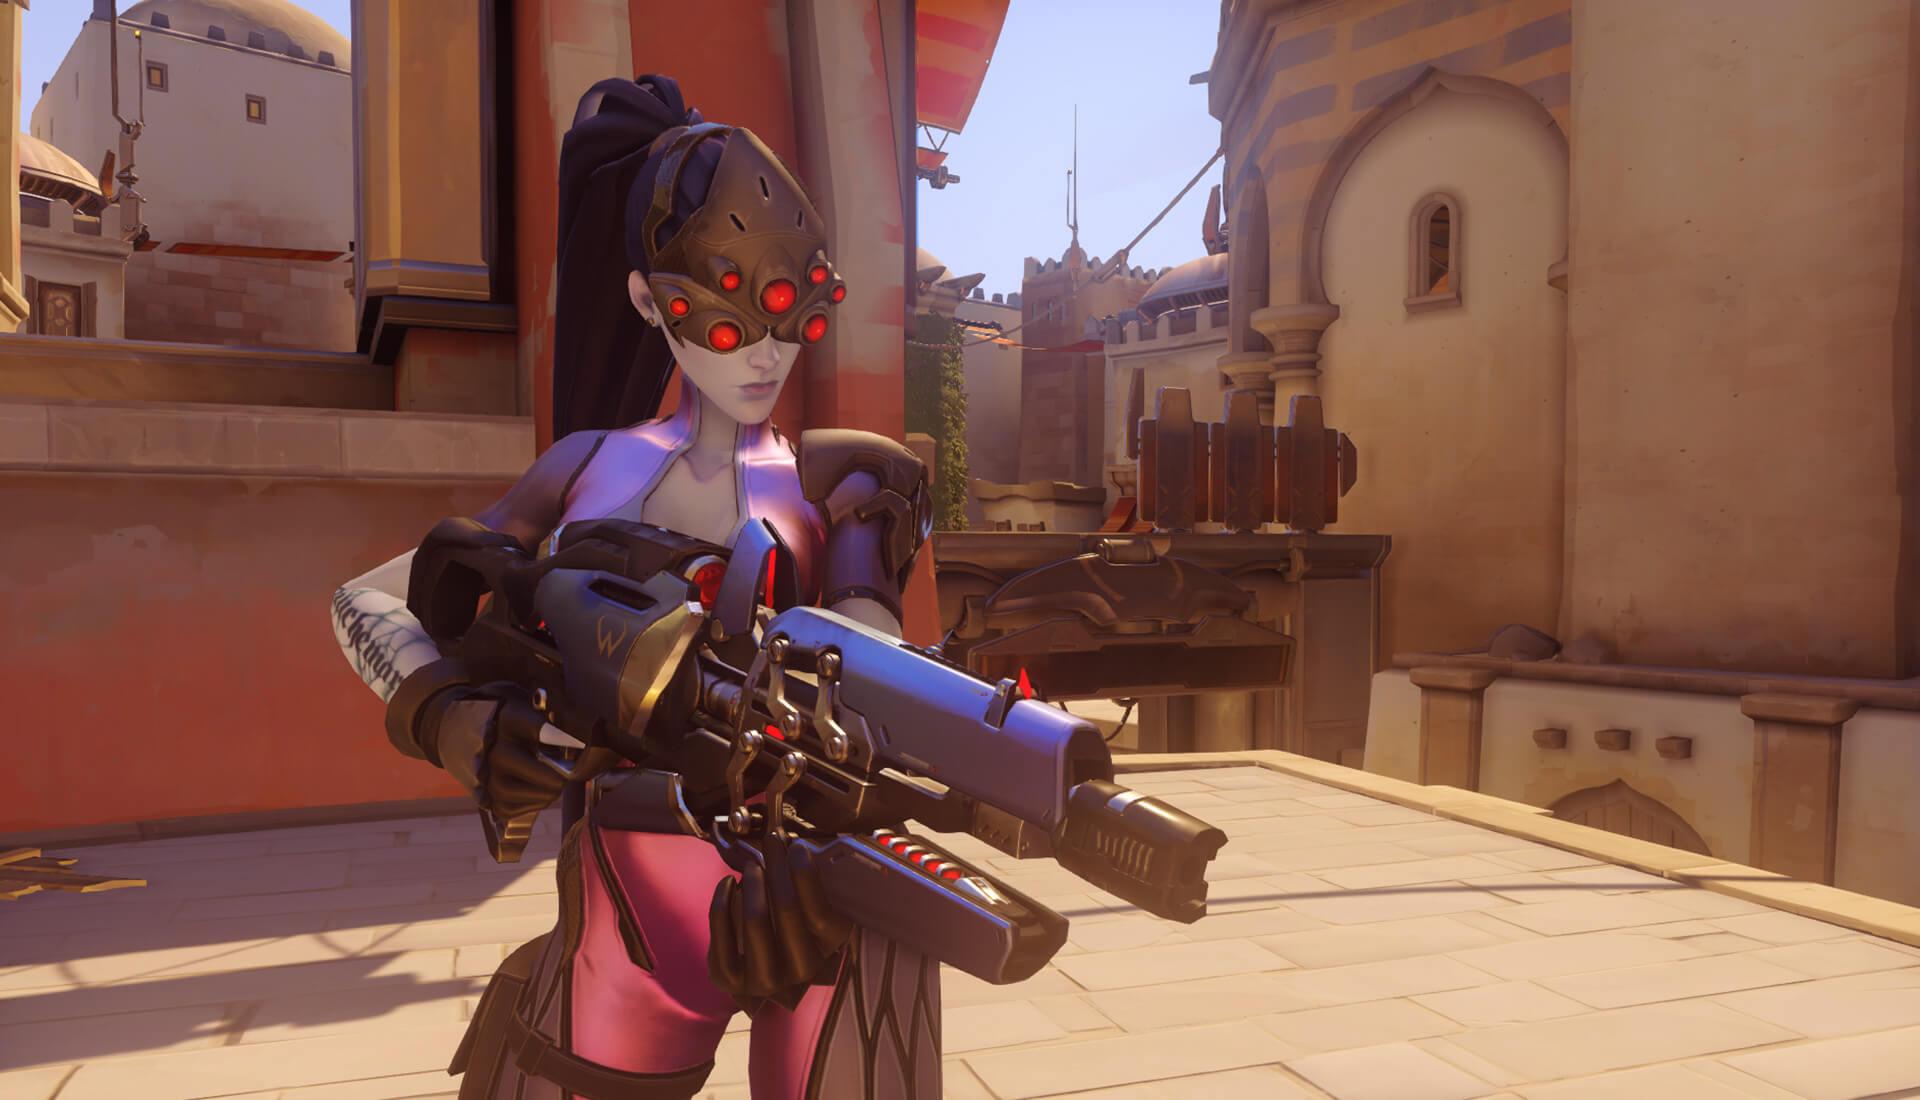 Overwatch widowmaker Screenshot huge